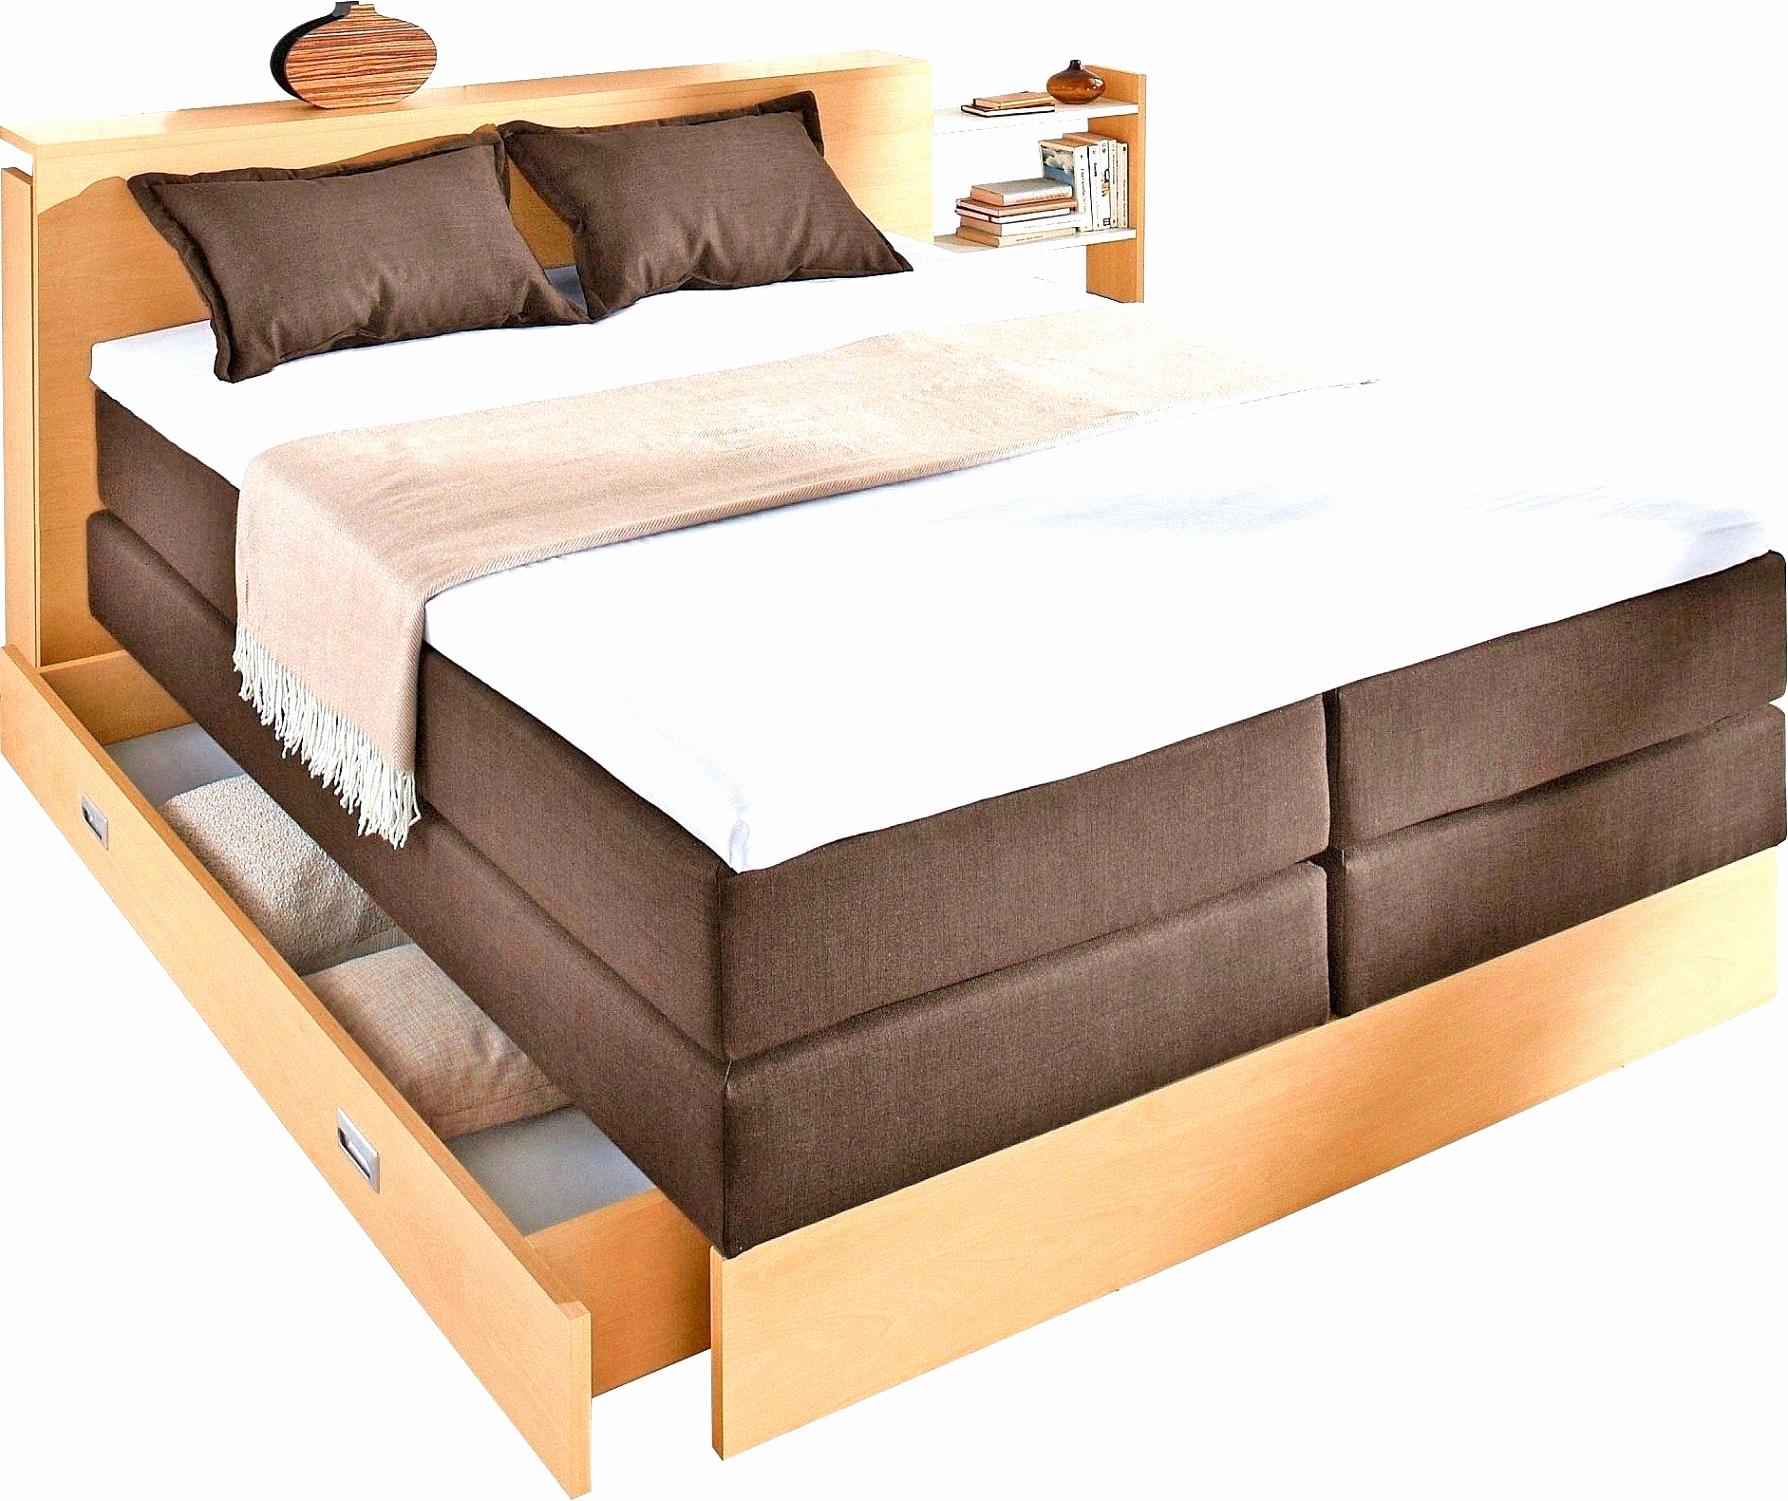 Full Size of Otto Betten 120200 Best Luxus Bett 180 200 Ausgefallene Jensen Poco Frankfurt Günstig Kaufen 90x200 Holz Oschmann Hasena Tempur De Bock 200x220 Meise Bett Luxus Betten